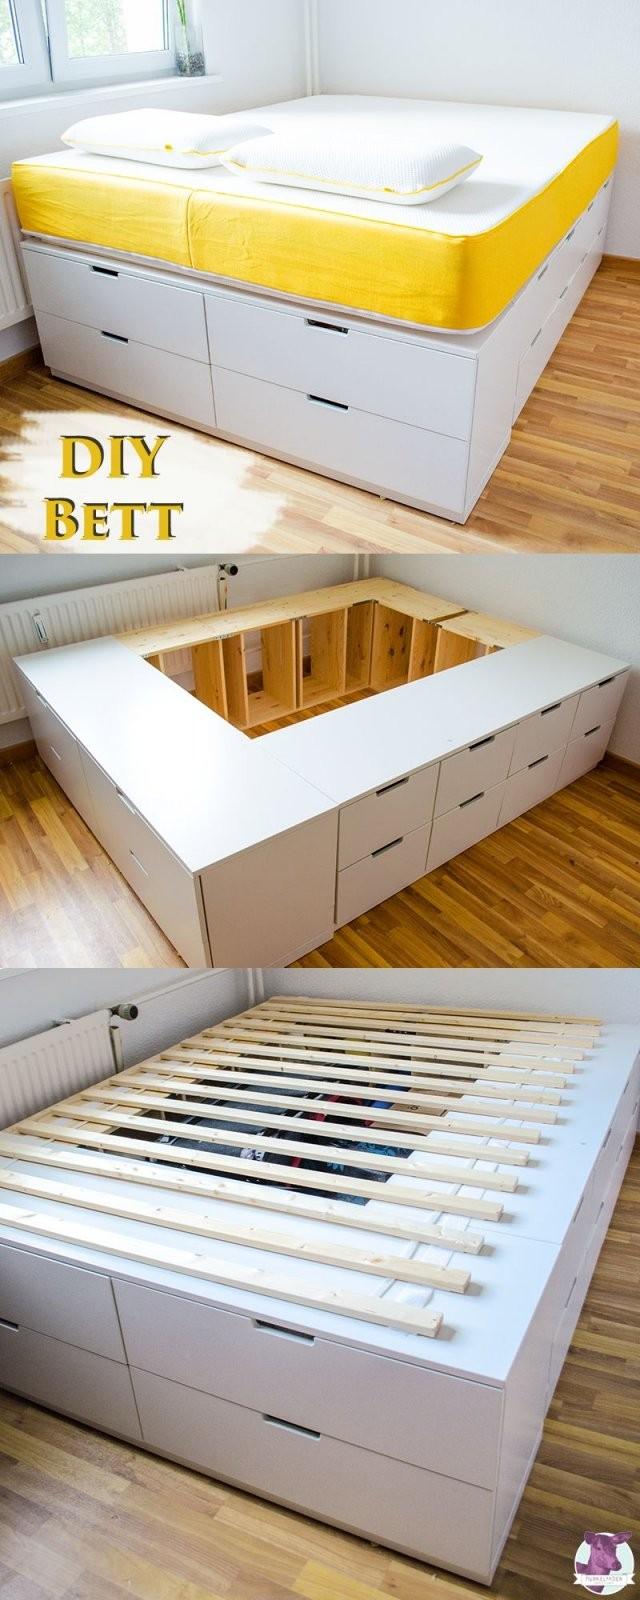 Diy Ikea Hack  Plattformbett Selber Bauen Aus Ikea Kommoden von Plattform Bett Selber Bauen Photo